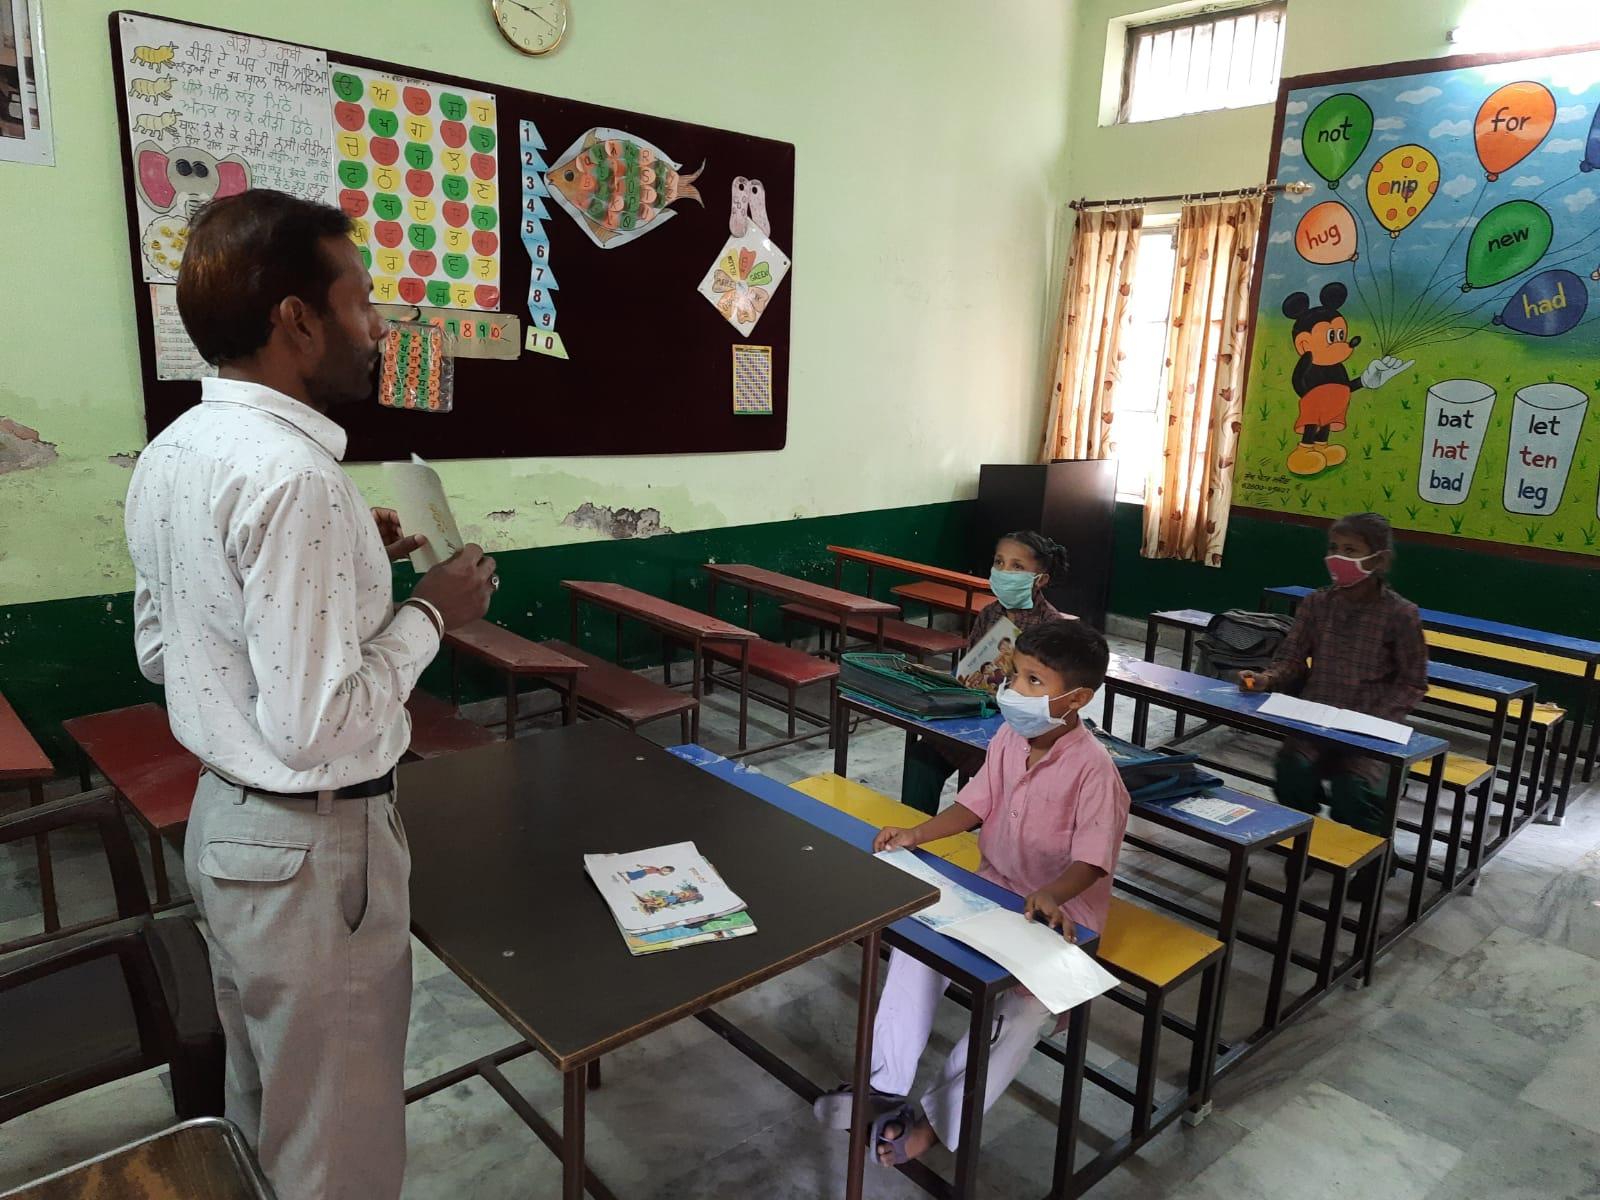 बिना कंसेंट पहुंचे अधिकतर विद्यार्थी; 2 प्रतिशत से अधिक नहीं सरकारी स्कूलों में गिनती; प्राइवेट स्कूल कल बुलाएंगे छात्र अमृतसर,Amritsar - Dainik Bhaskar